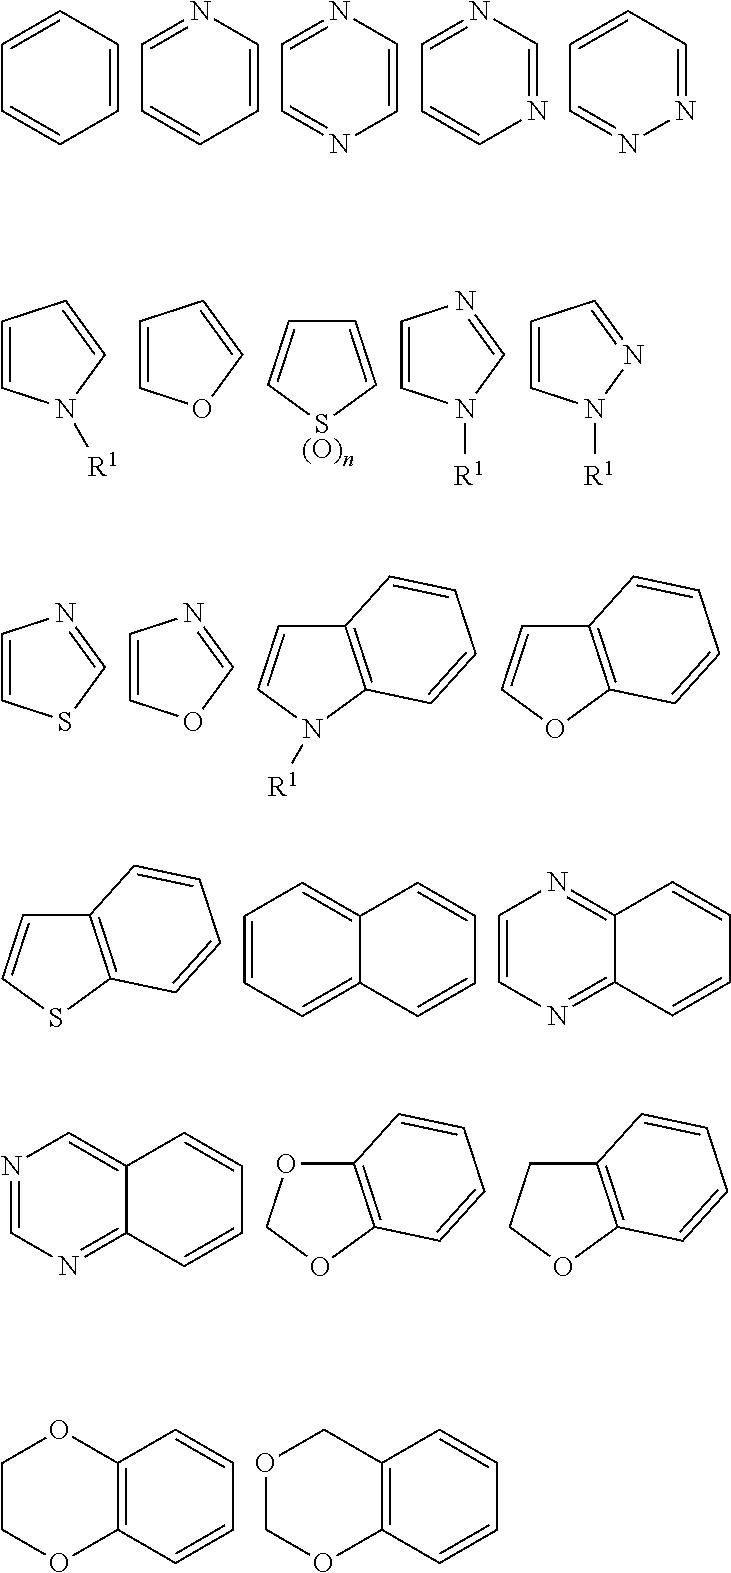 Figure US20110053905A1-20110303-C00013